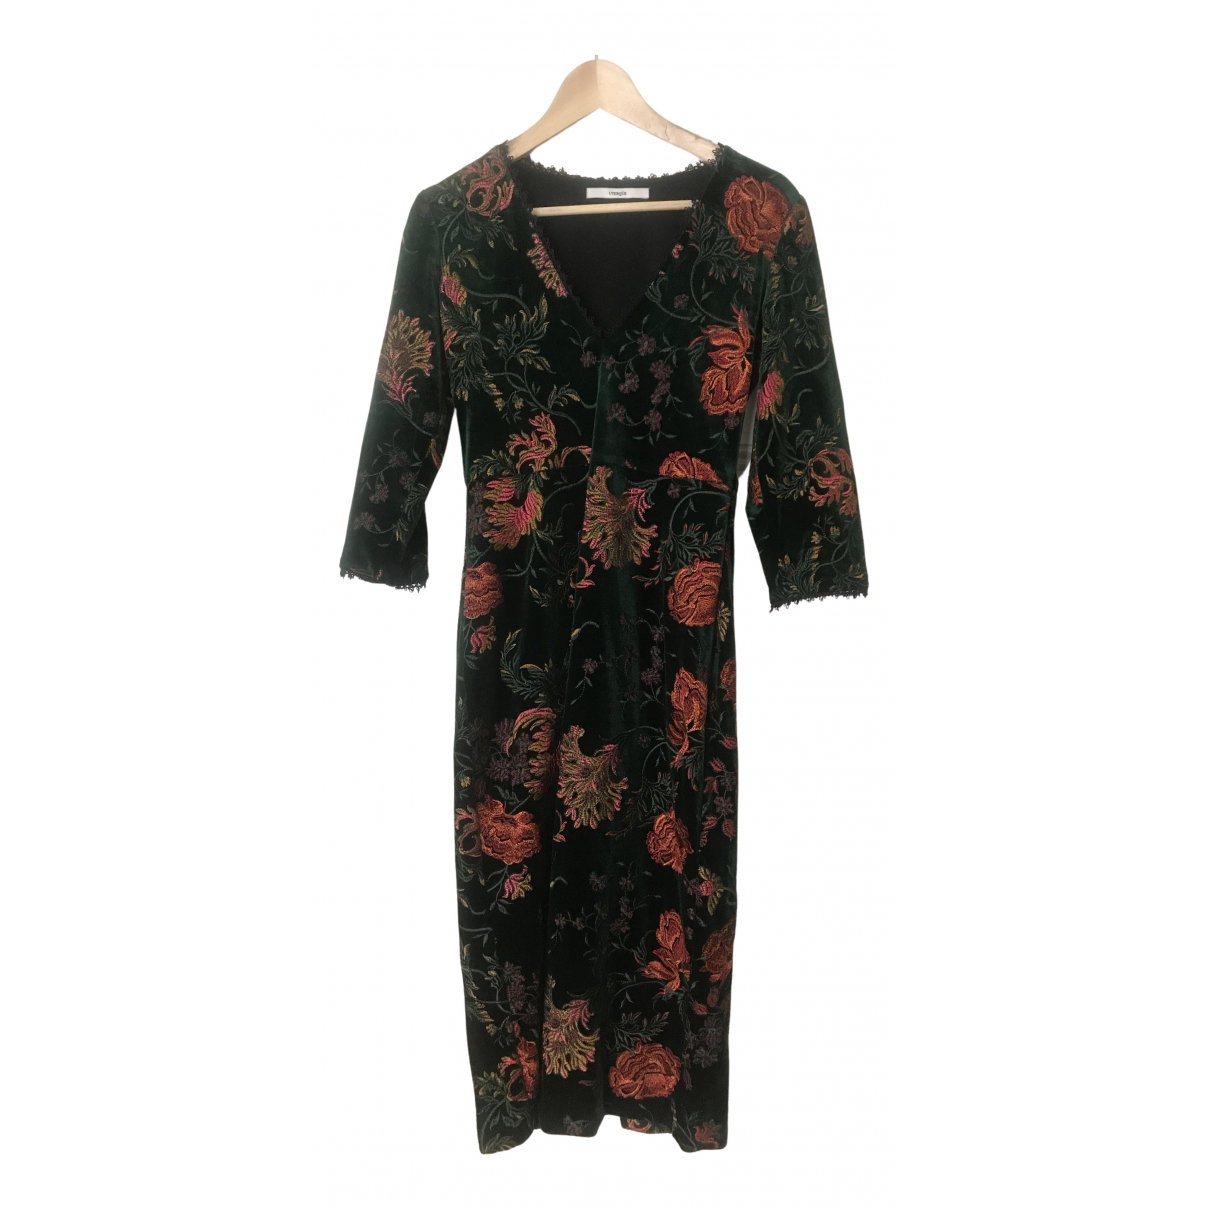 Uterque \N Kleid in  Gruen Polyester